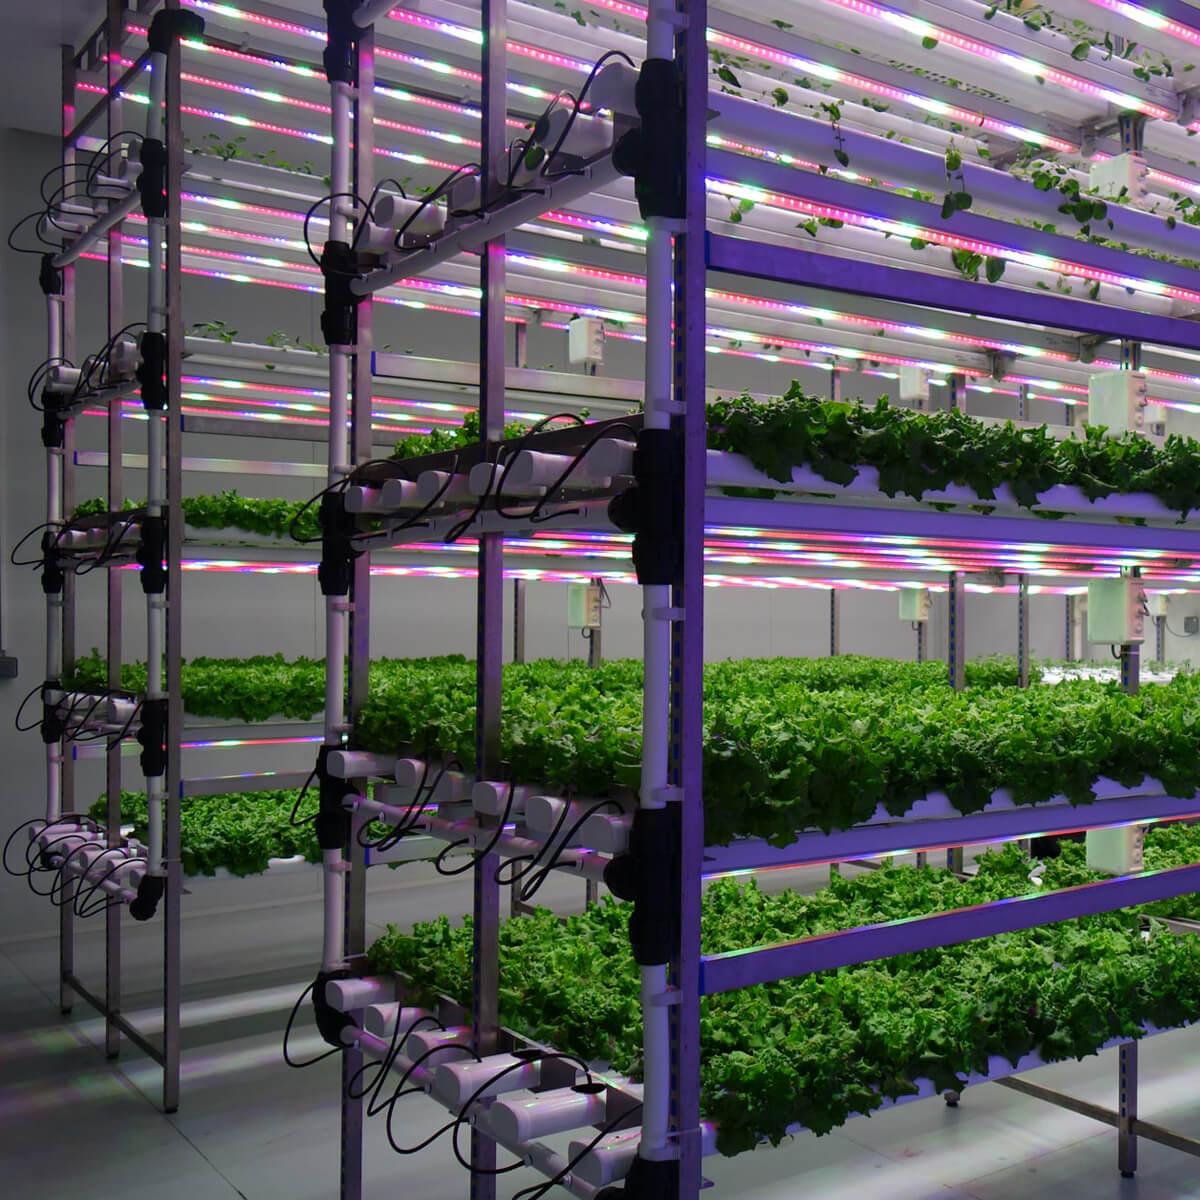 <ul> <li>تطوير تجارب على نطاق صغير على النباتات في ظروف خاضعة للتحكم التام حيث يتم انتاج الظروف التي توجد في أية منطقة من</li> <li>العالم، إلى جانب خلق حالات التوتر الشديد</li> <li>القدرة على محاكاة الطقس المتطرف من -5 درجة إلى 35 درجة</li> <li>من 0% إلى 100% من الرطوبة</li> <li>الفترة الضوئية تحت التحكم</li> </ul>